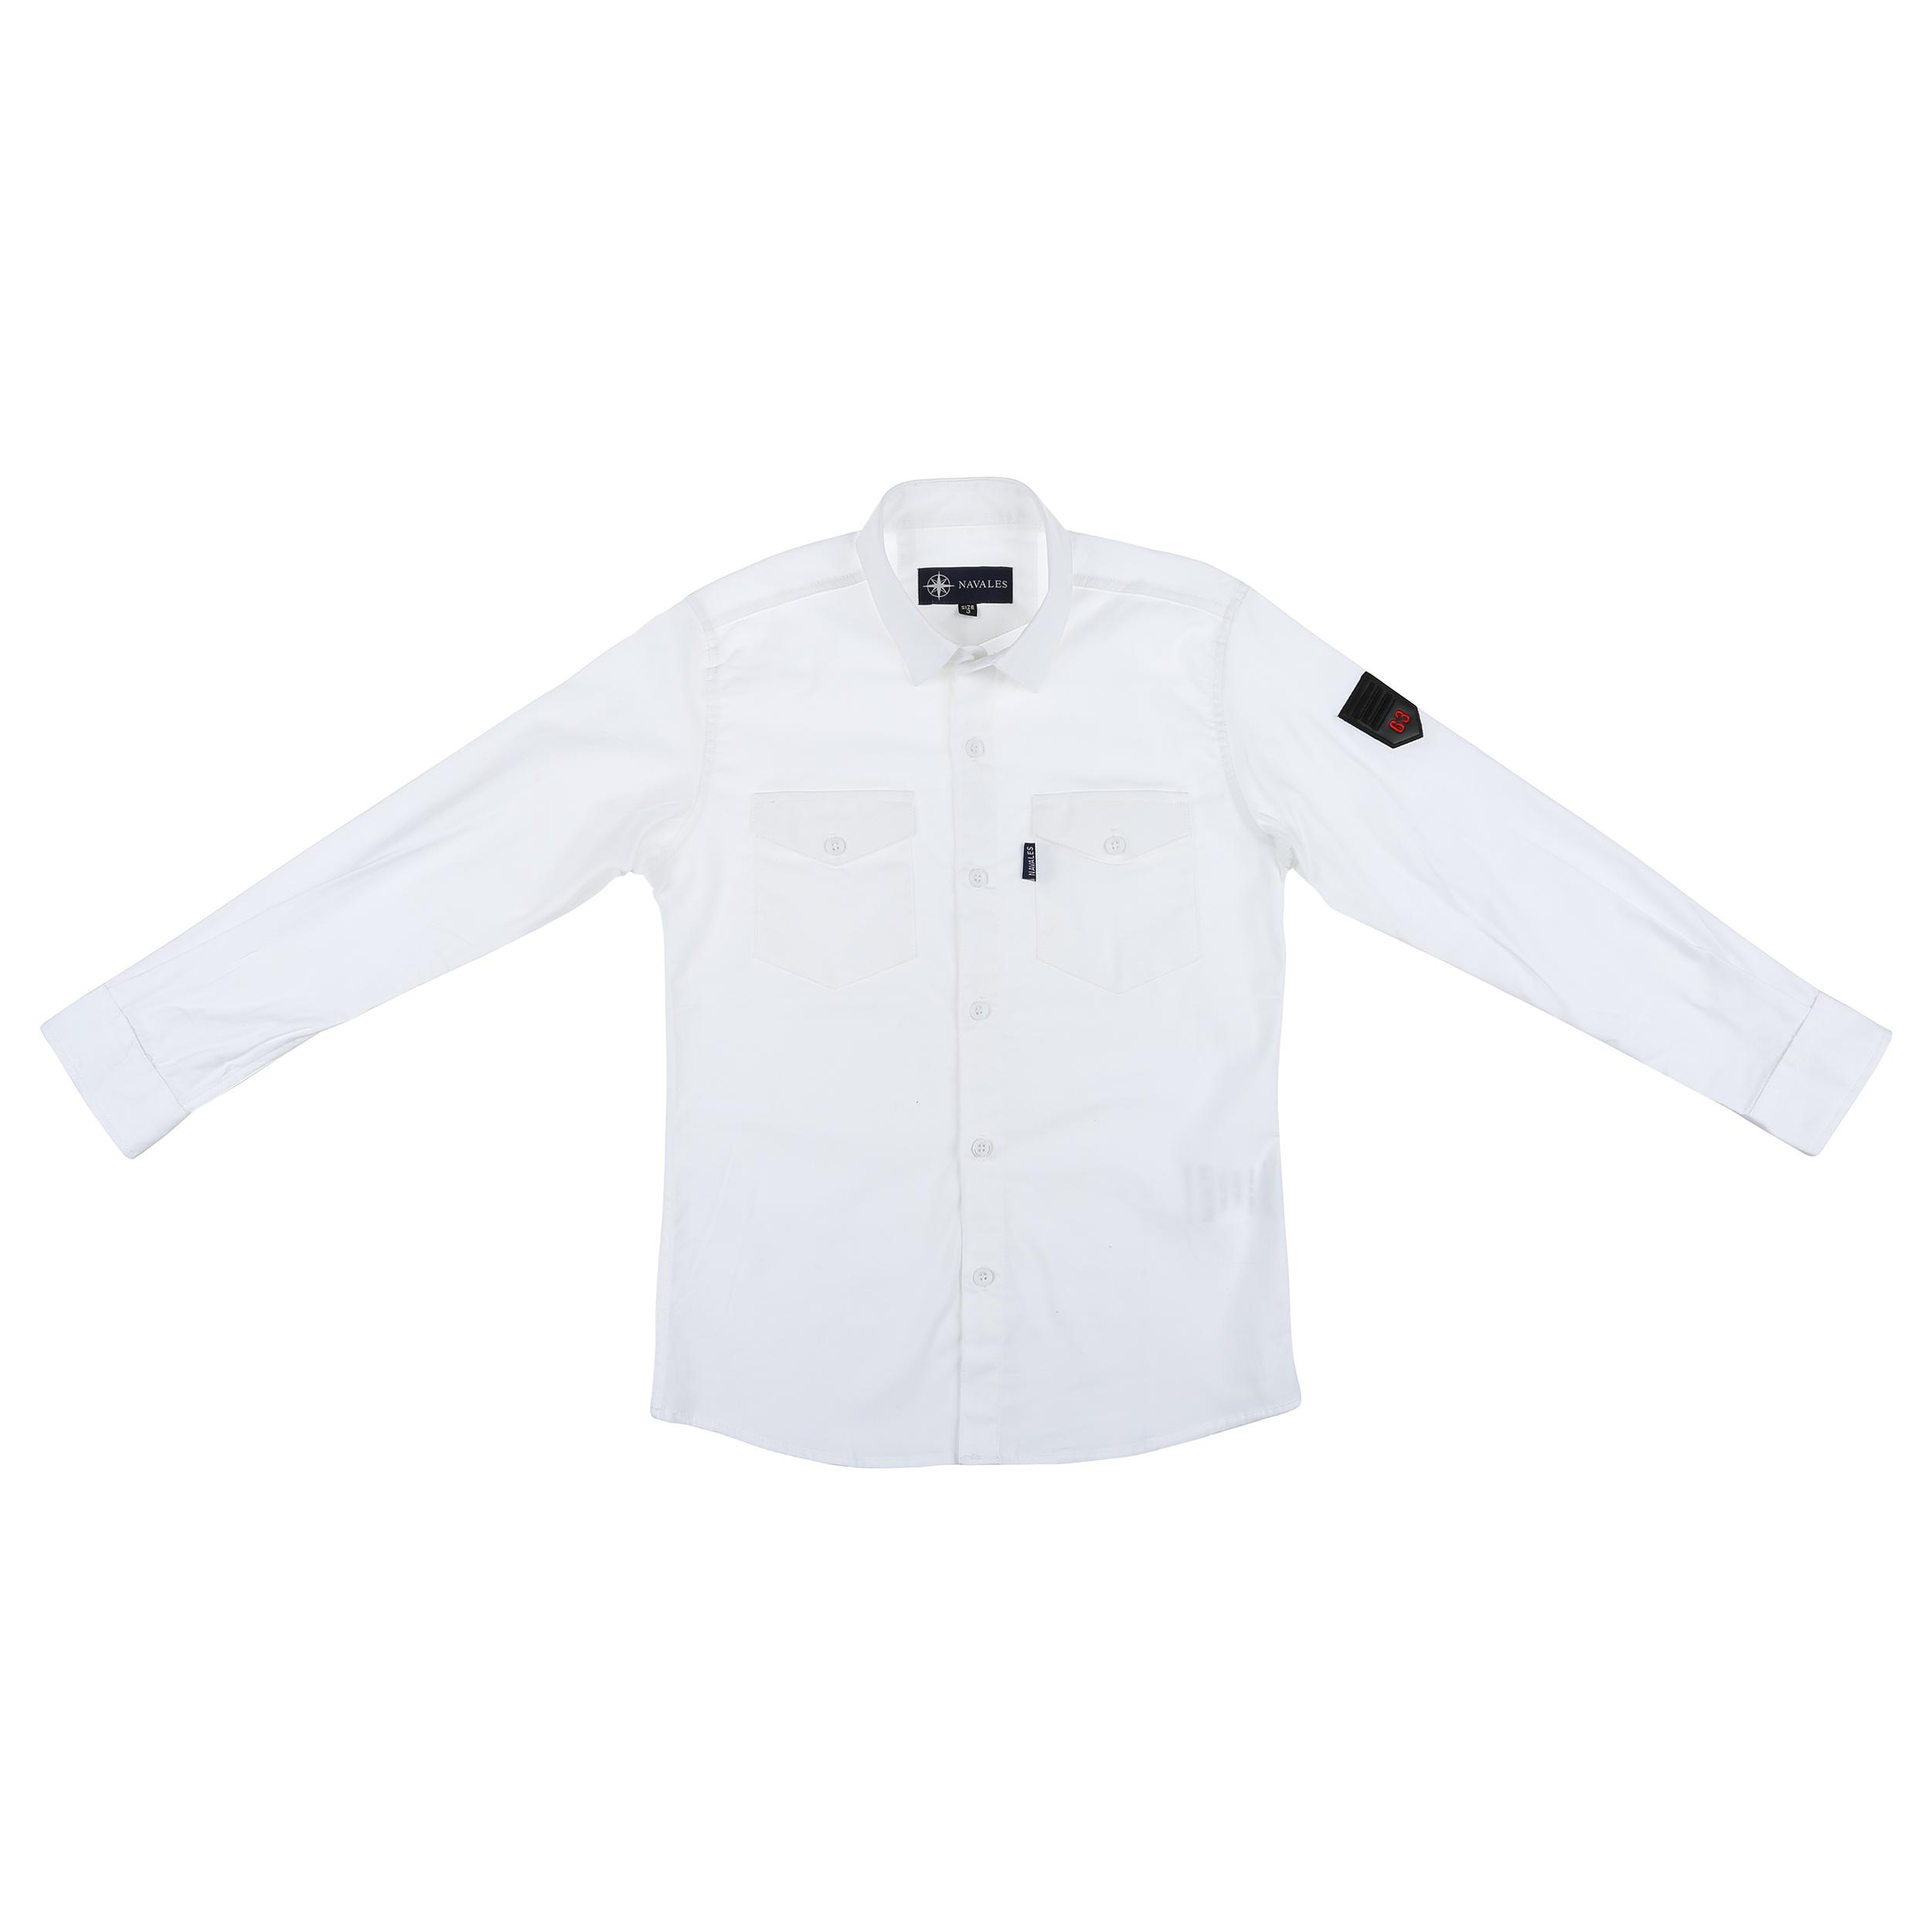 پیراهن پسرانه ناوالس کد 20119-WH main 1 4